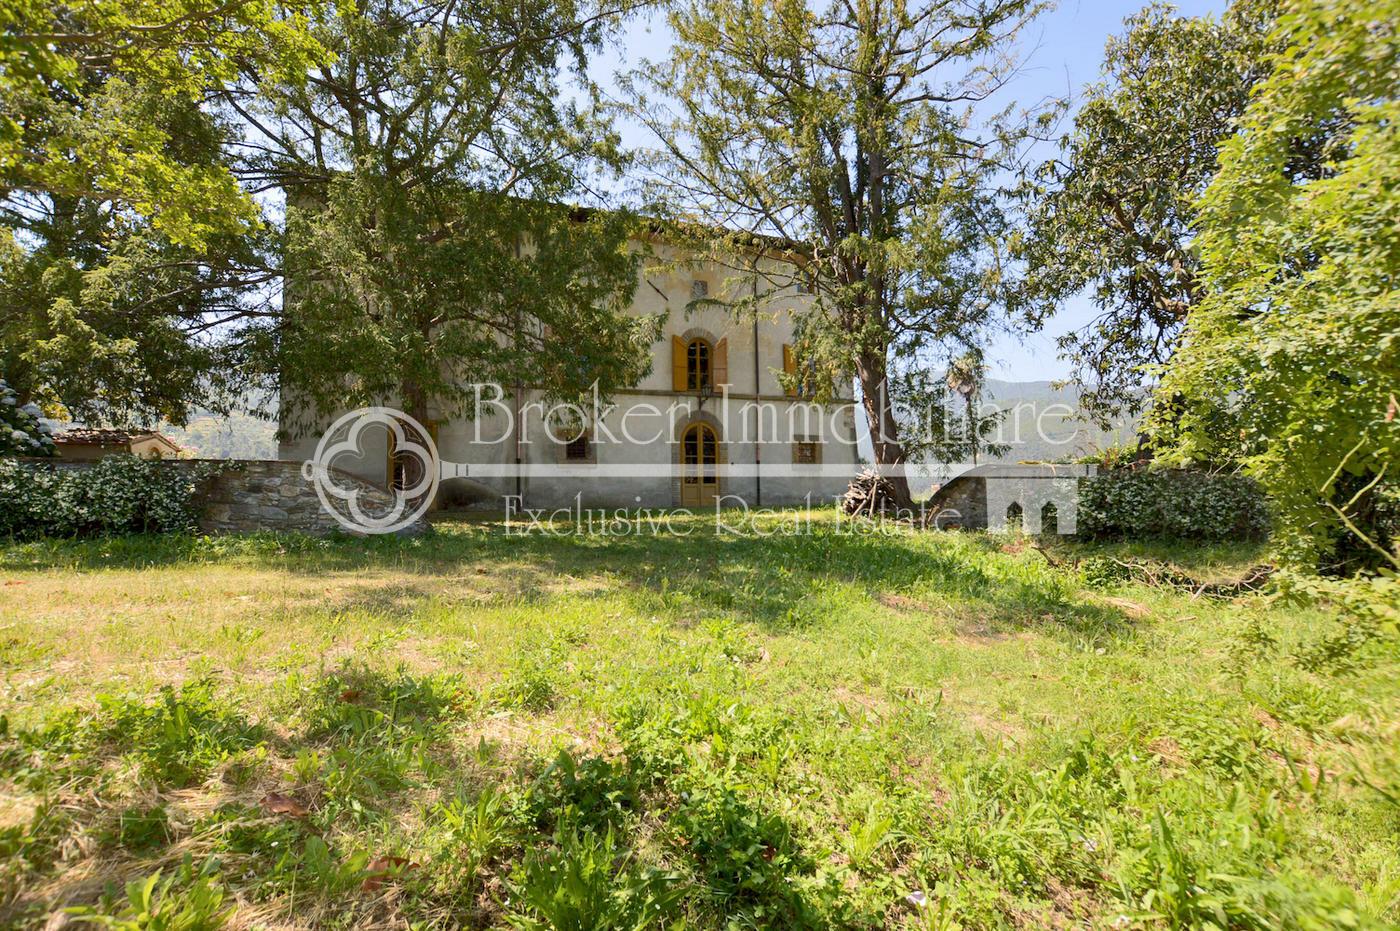 Splendida villa storica risalente al 1400 in vendita sulle colline di Lucca